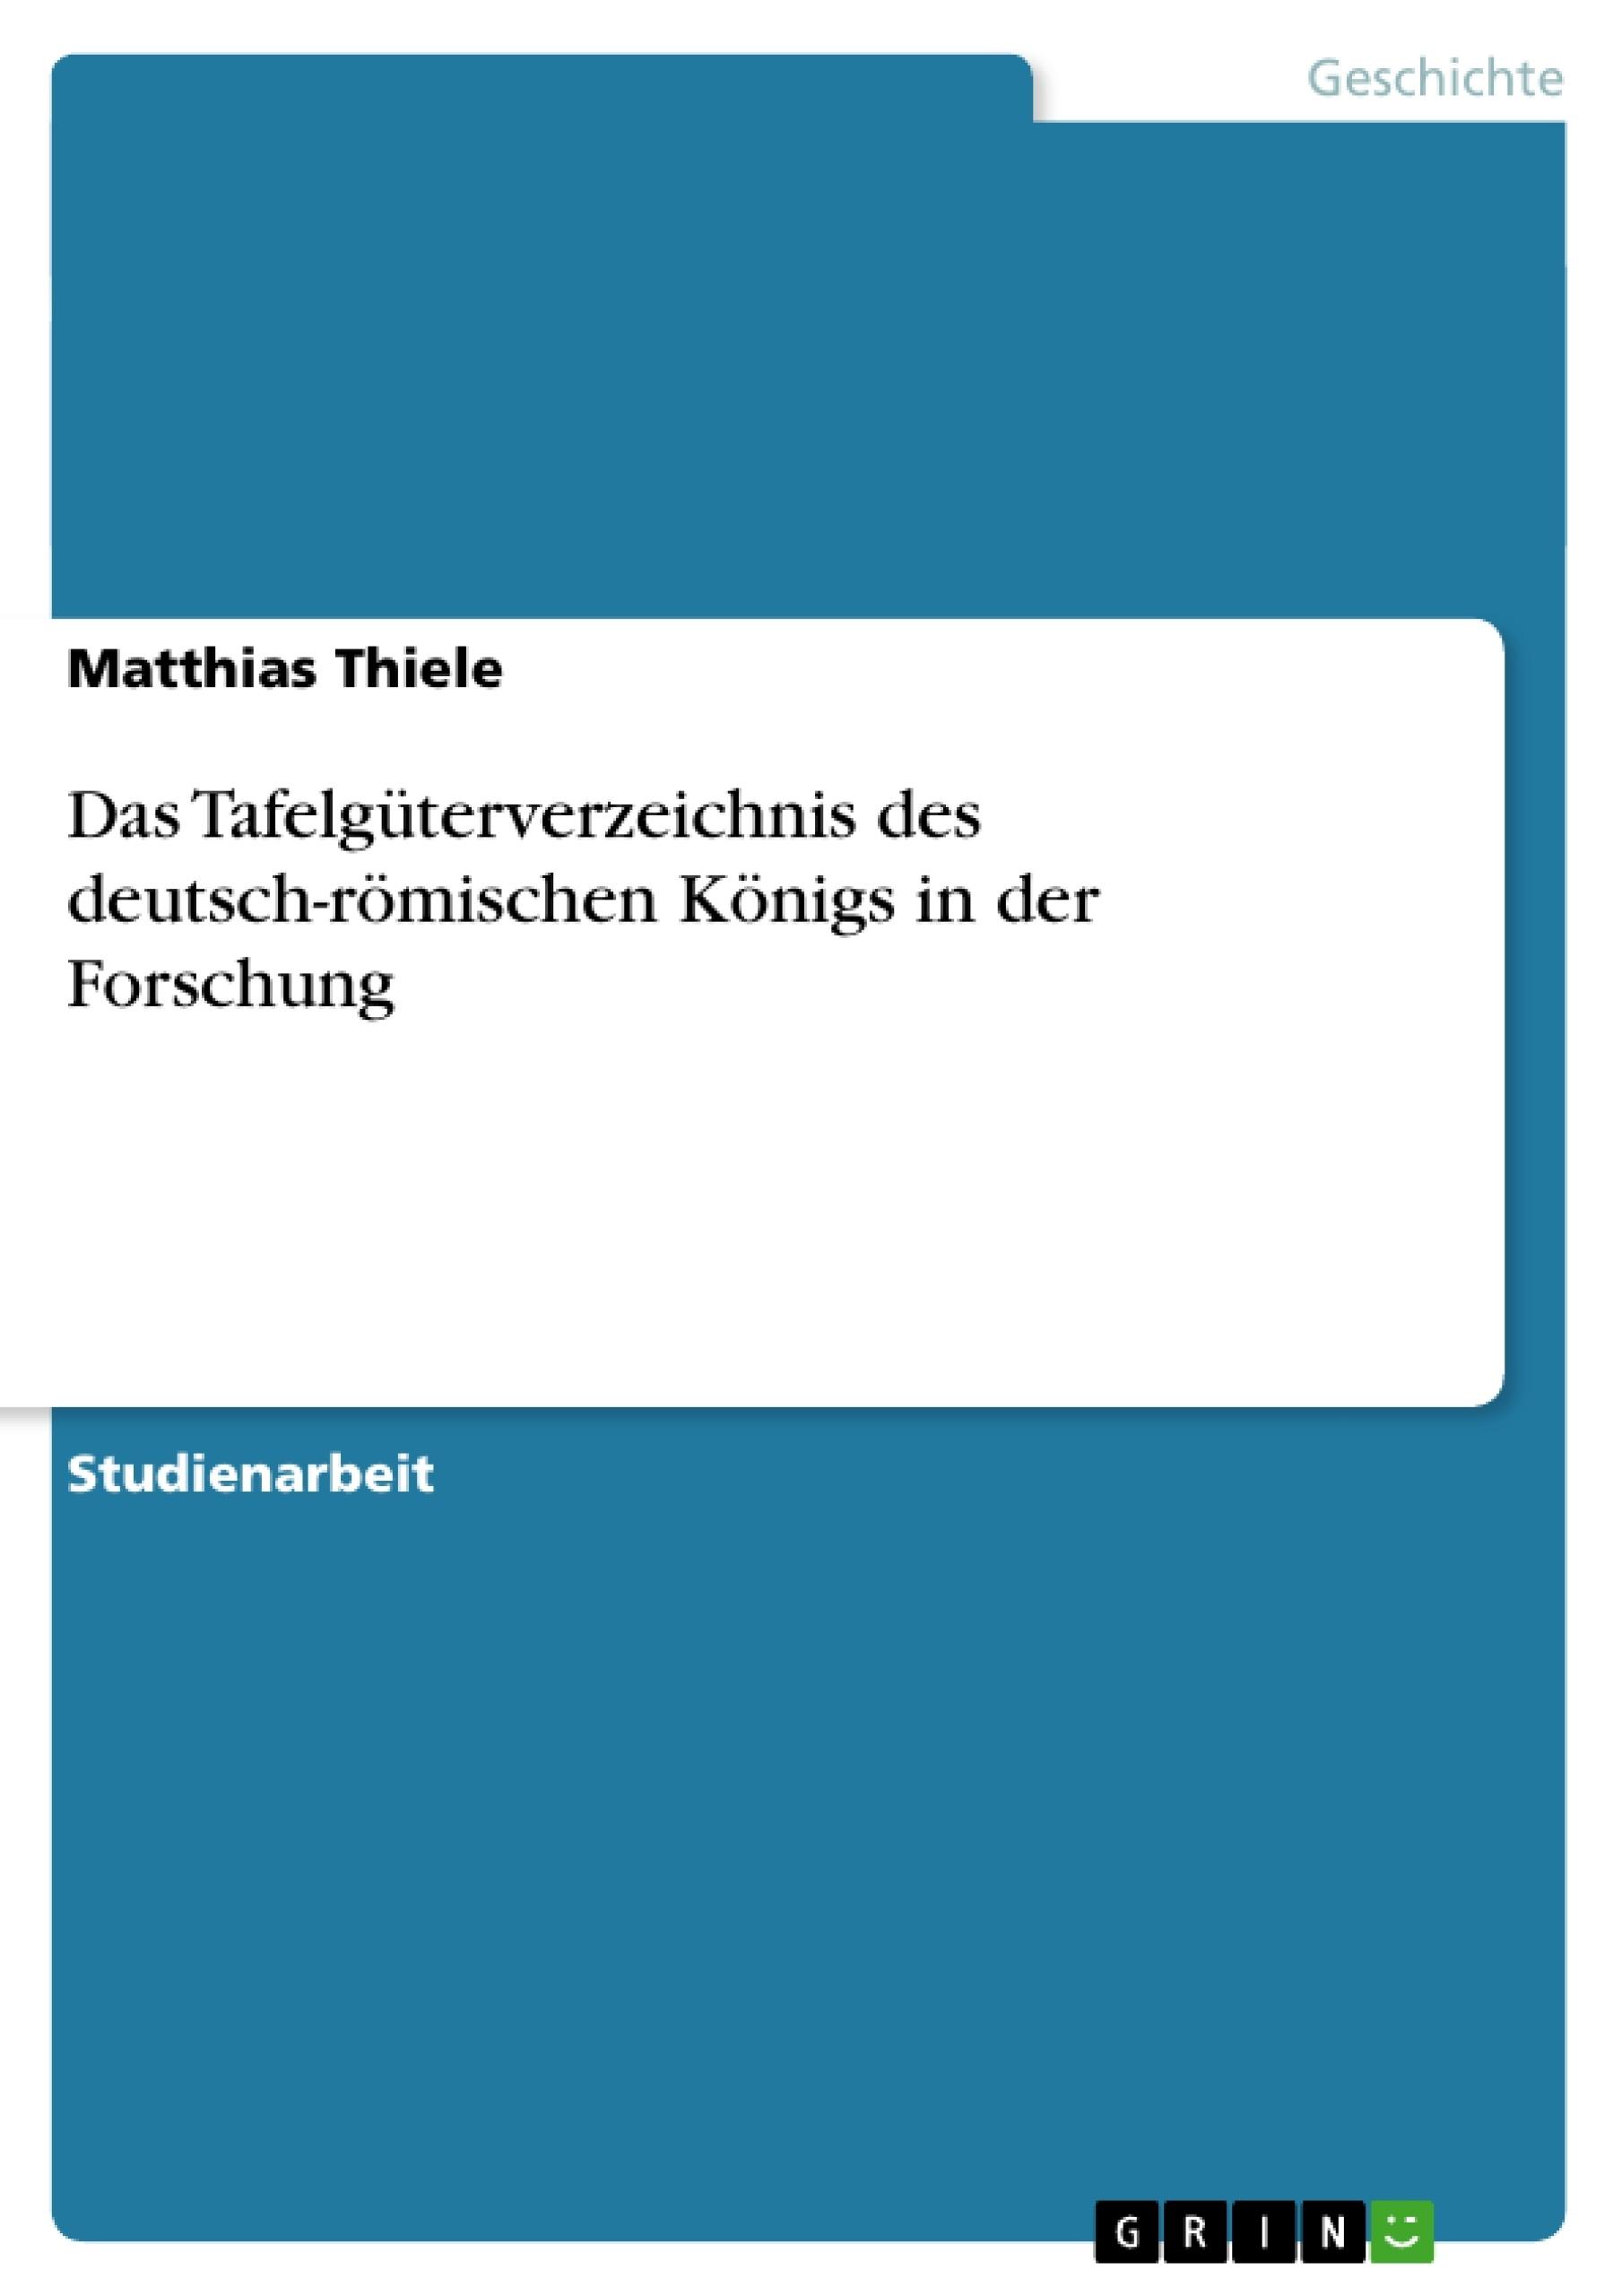 Titel: Das Tafelgüterverzeichnis des deutsch-römischen Königs in der Forschung